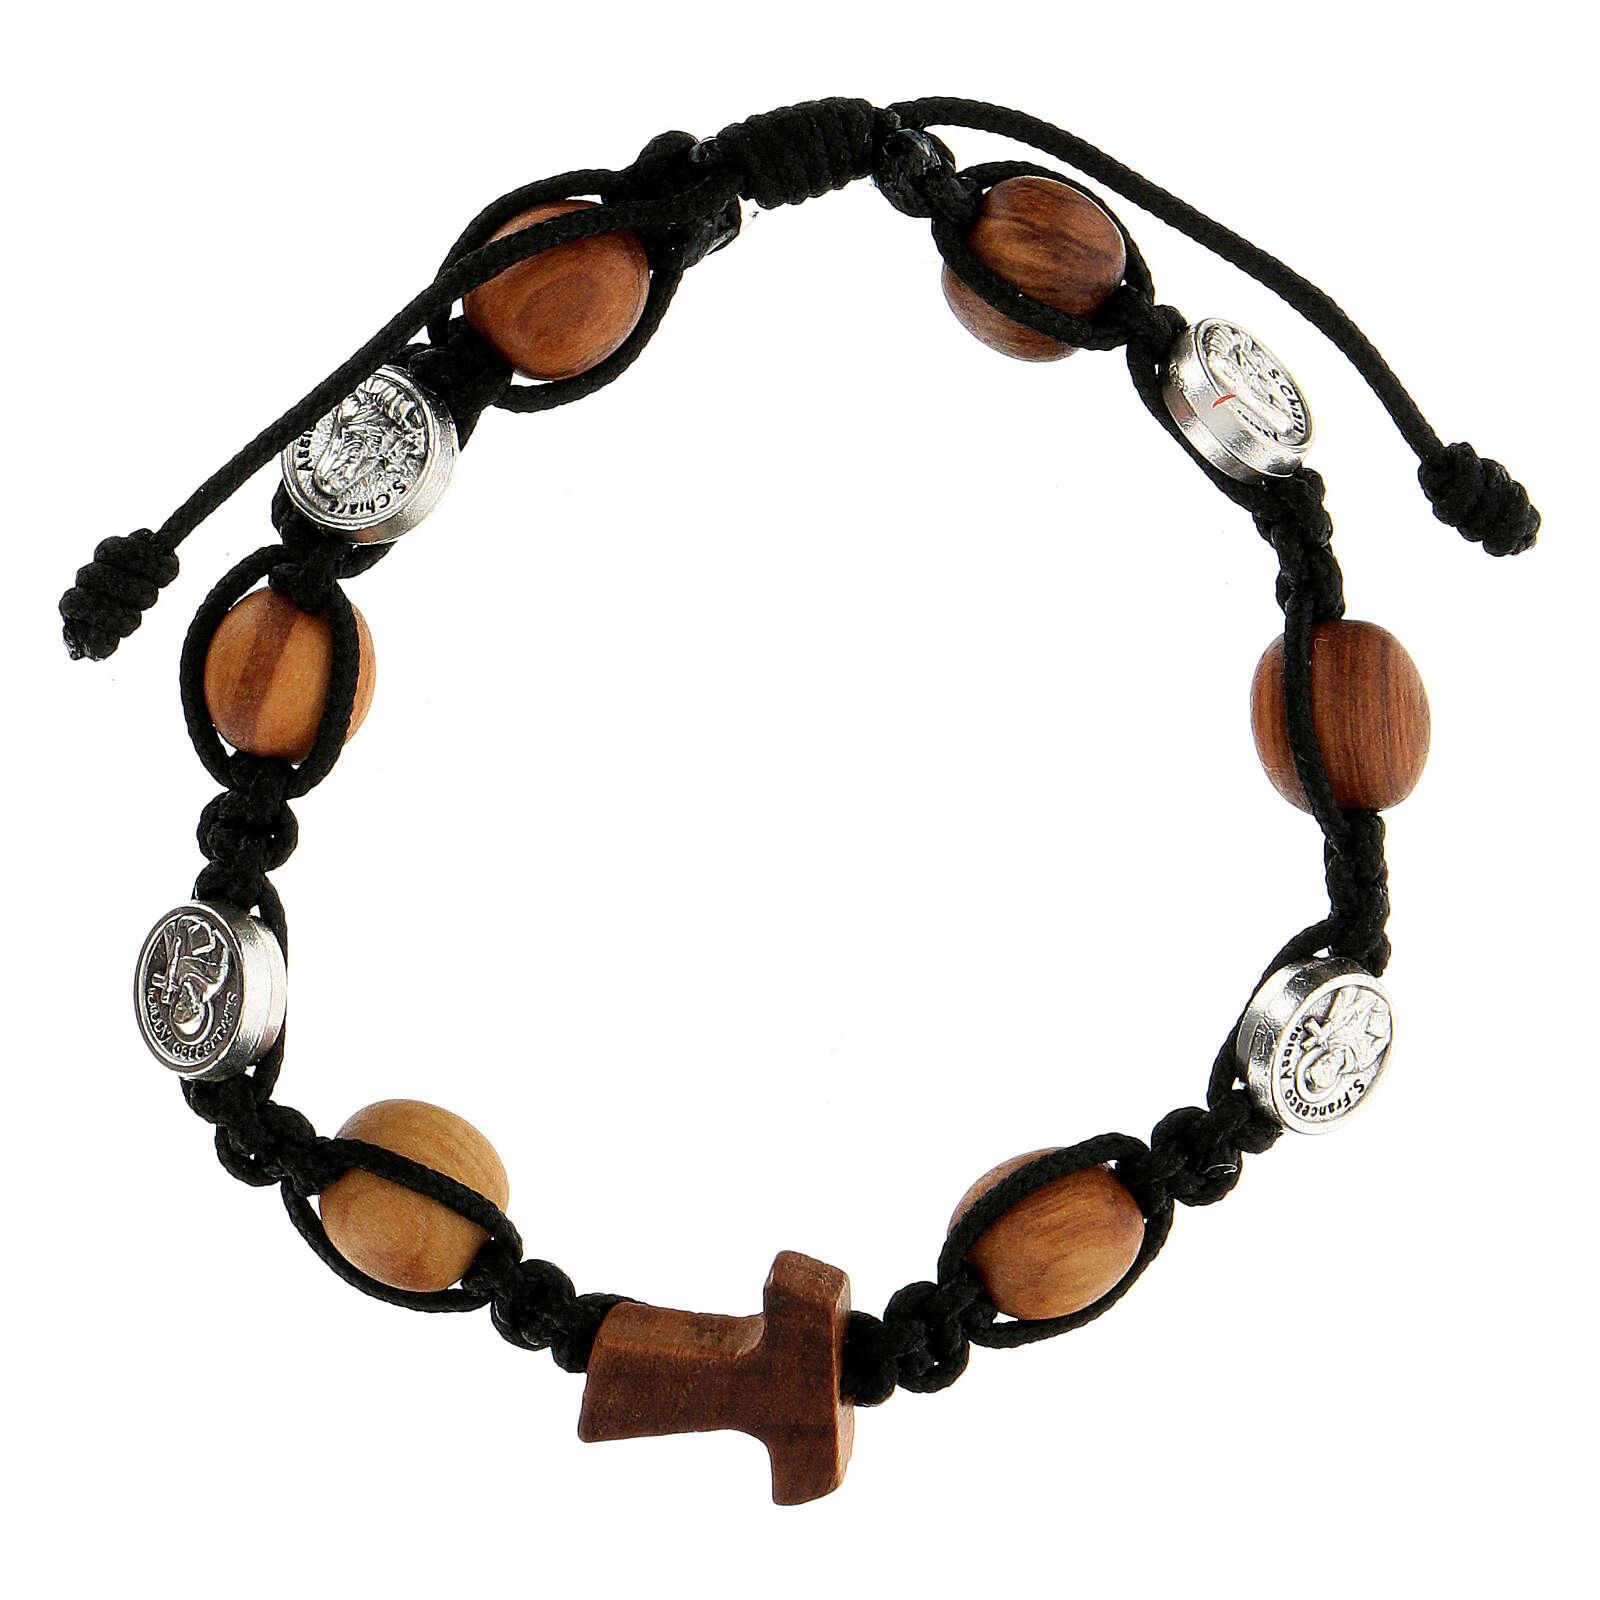 Bracelet grains ronds corde médailles Medjugorje corde noire 4